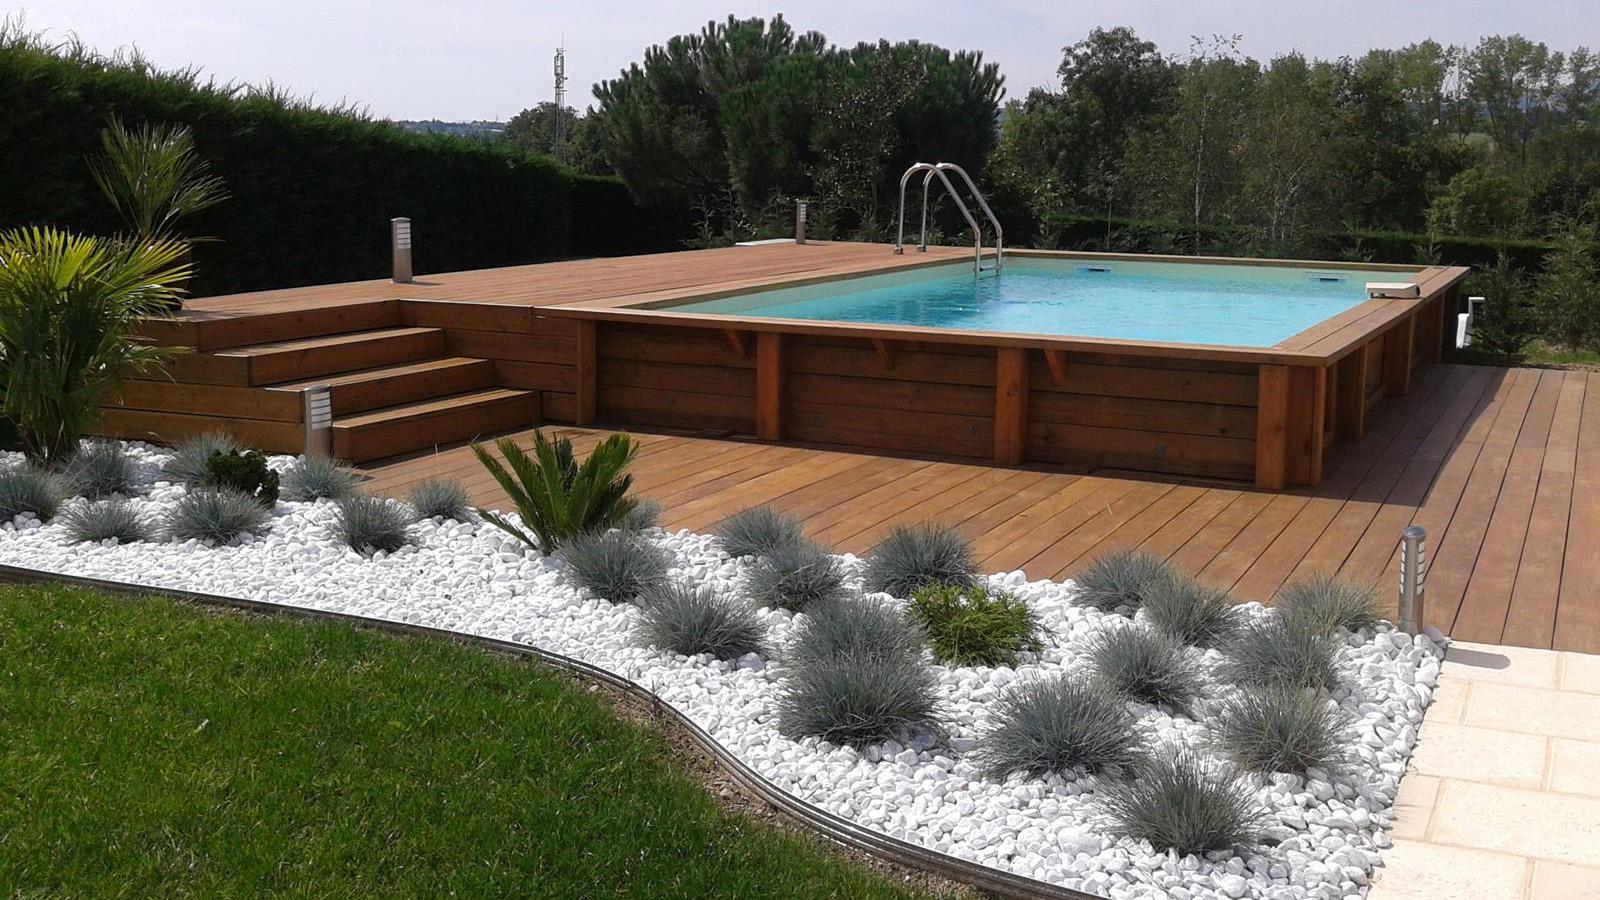 Piscine Bois - Azurea Piscine avec Legislation Piscine Hors Sol